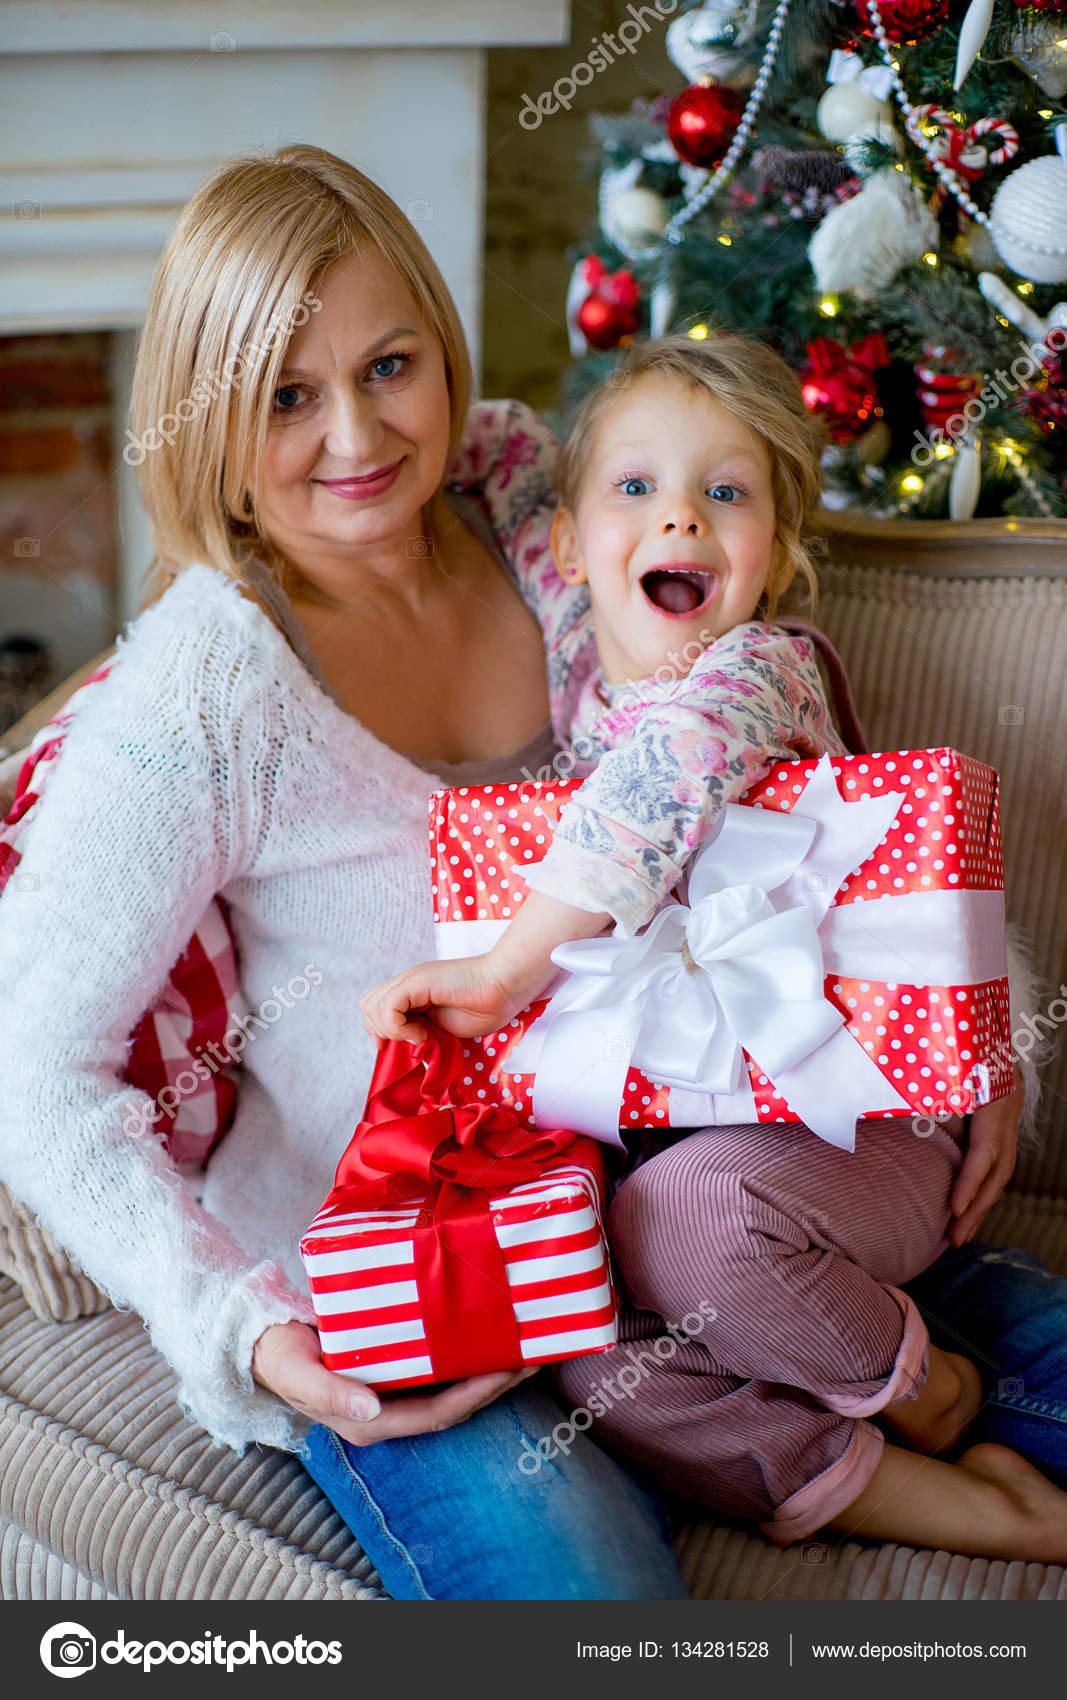 Regali Di Natale Per La Nonna.Ragazza E La Nonna Con I Regali Di Natale Foto Stock